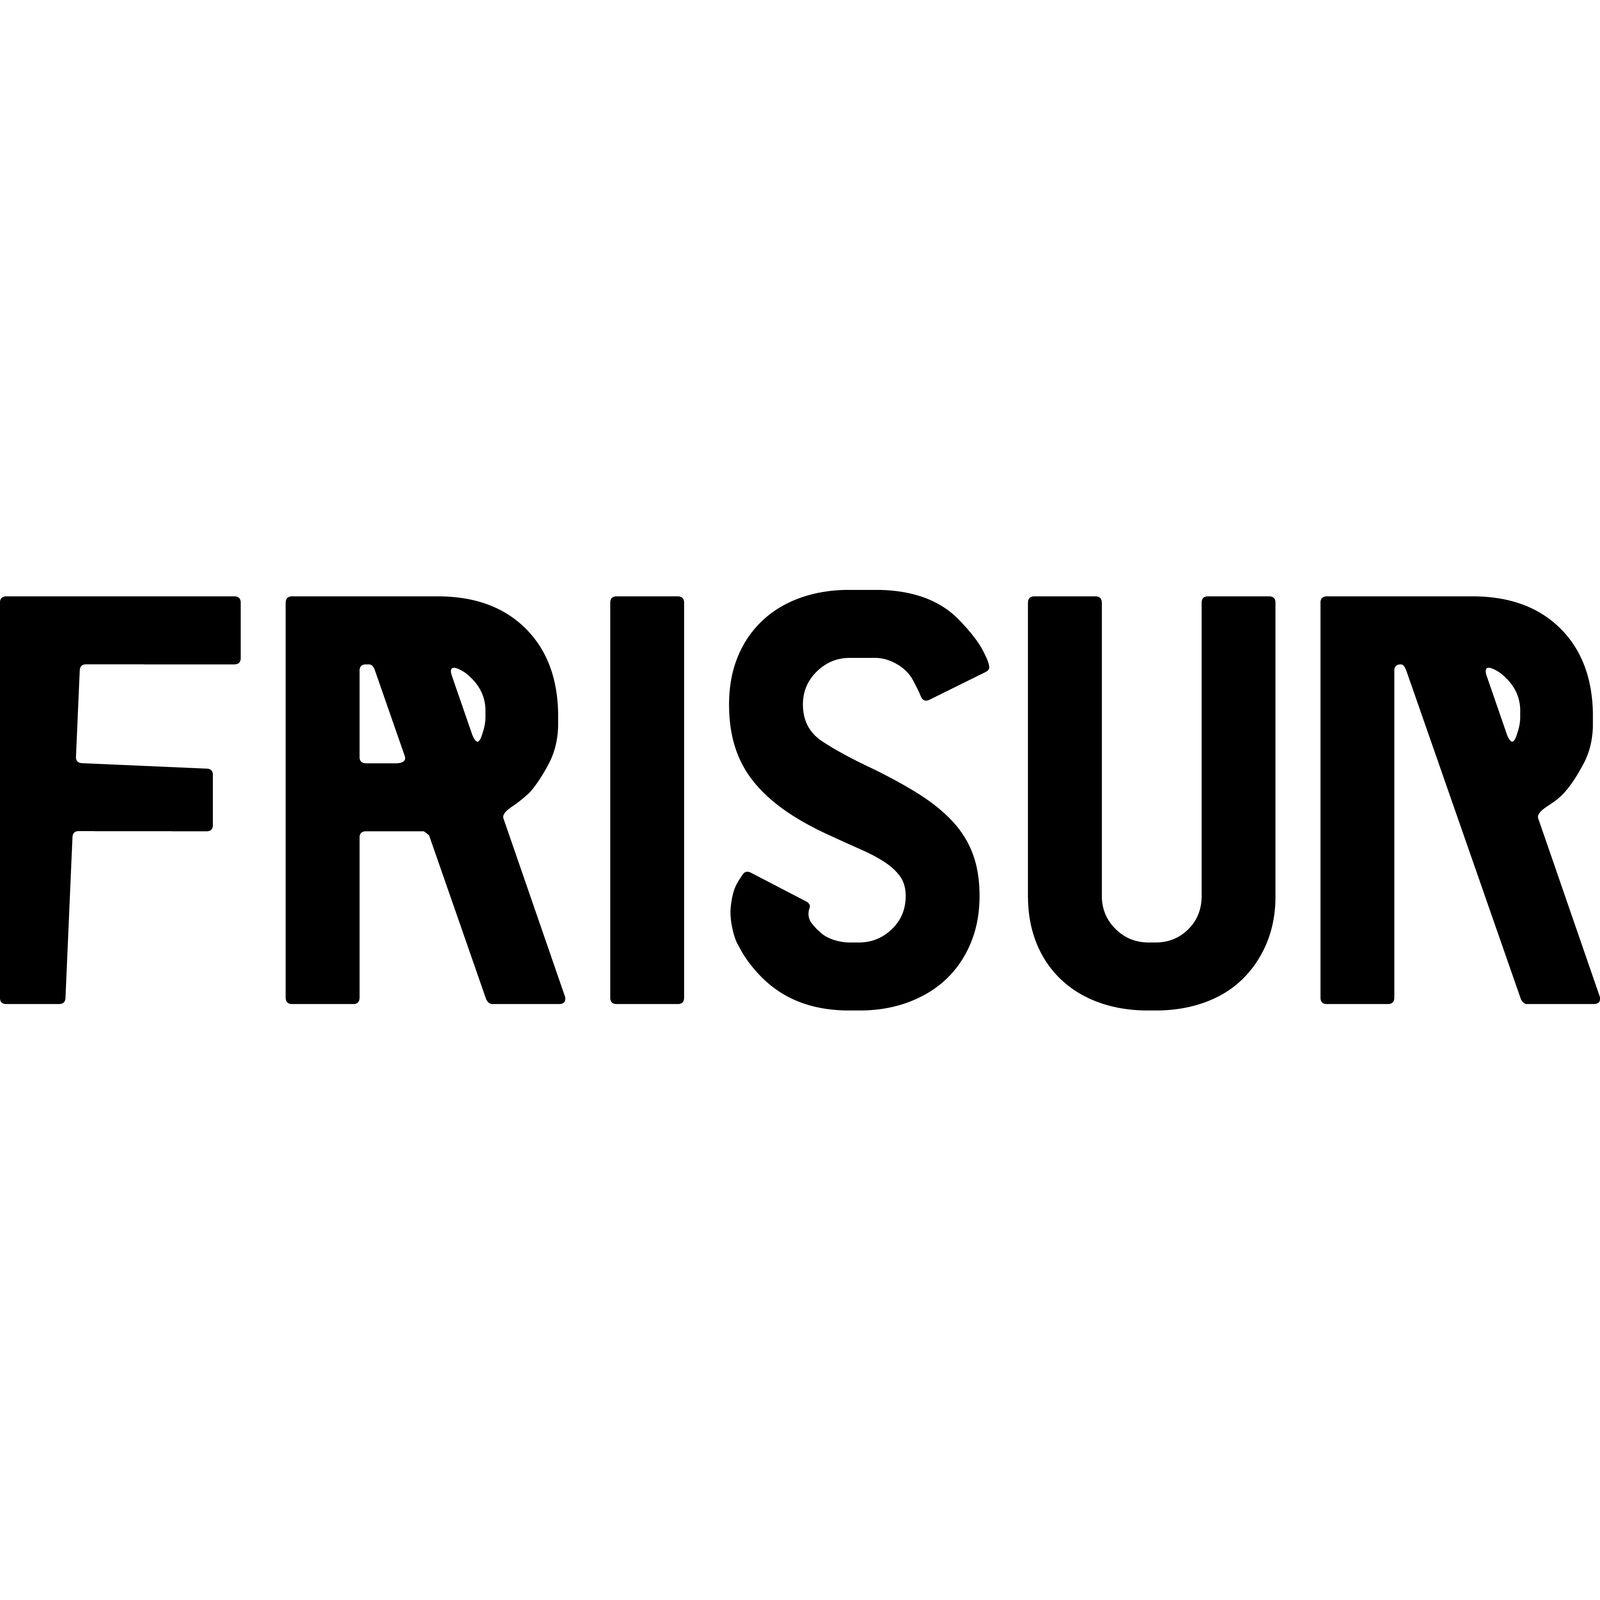 FRISUR (Image 1)